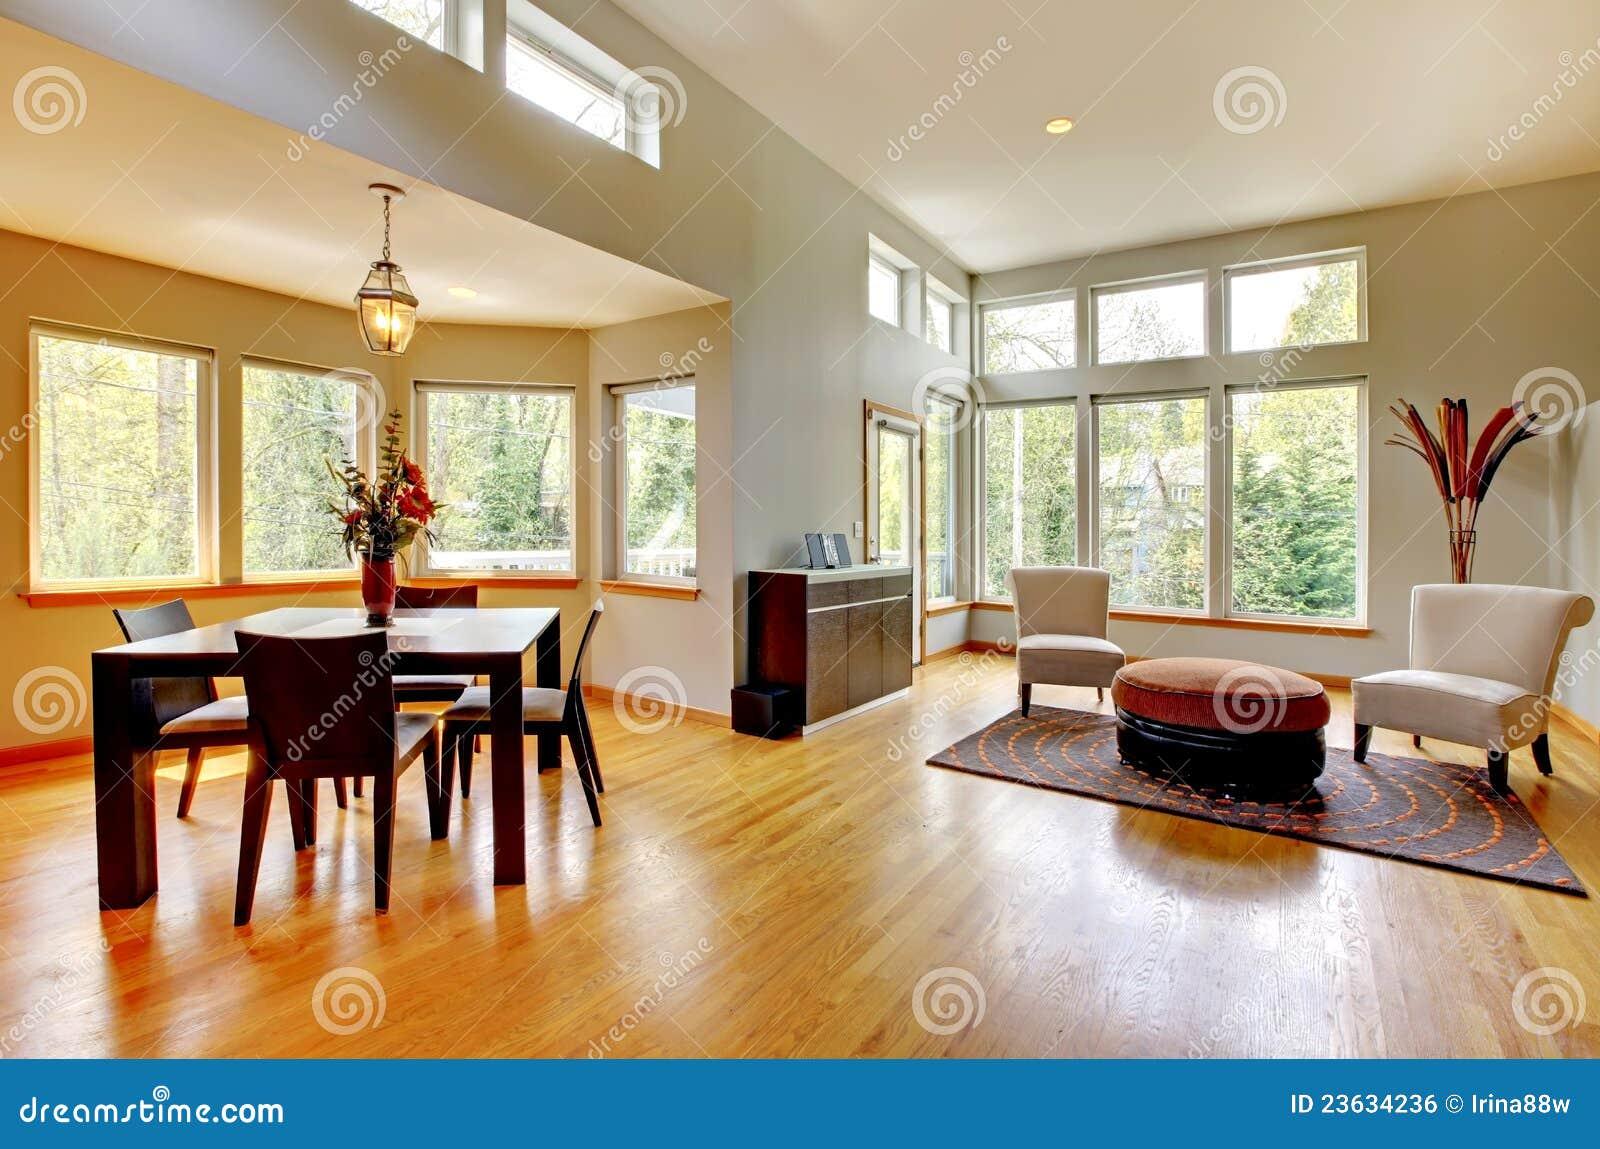 Dinig Raum In Einem Modernen Haus Mit Vielen Fenstern. Stockfoto ...